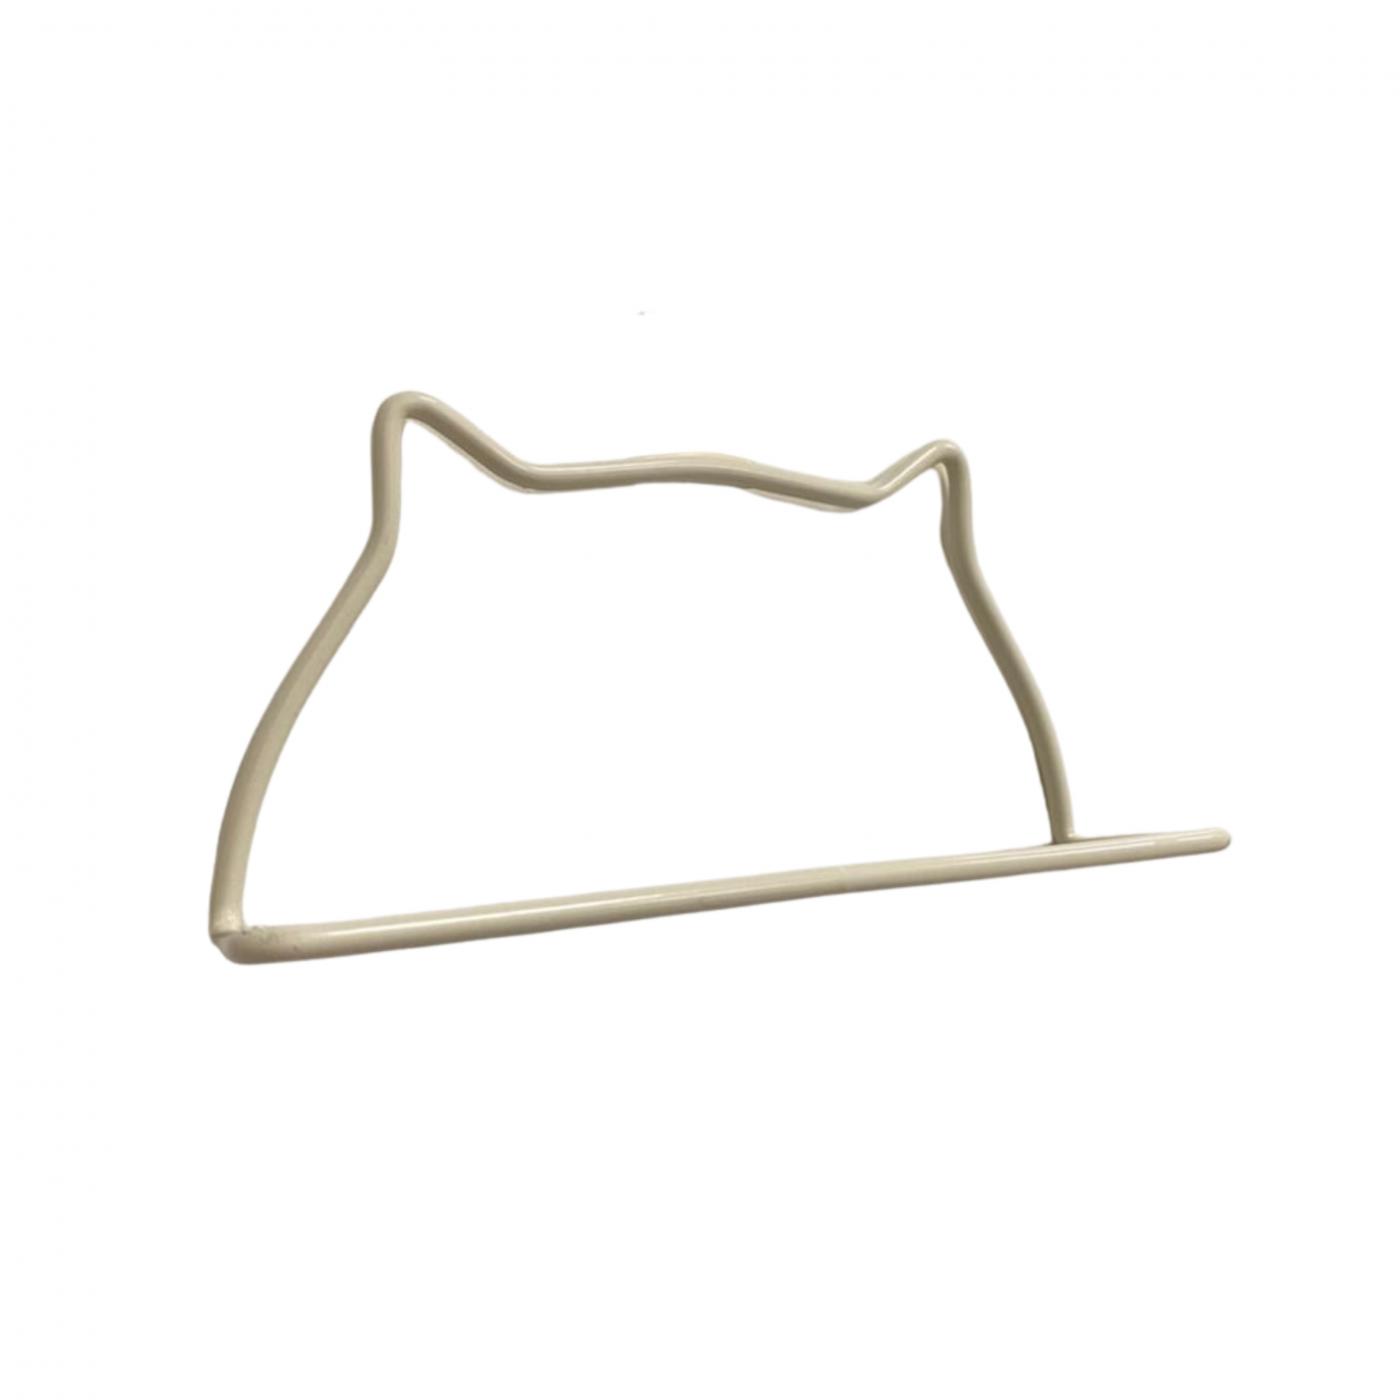 Suporte para pano de prato gato branco